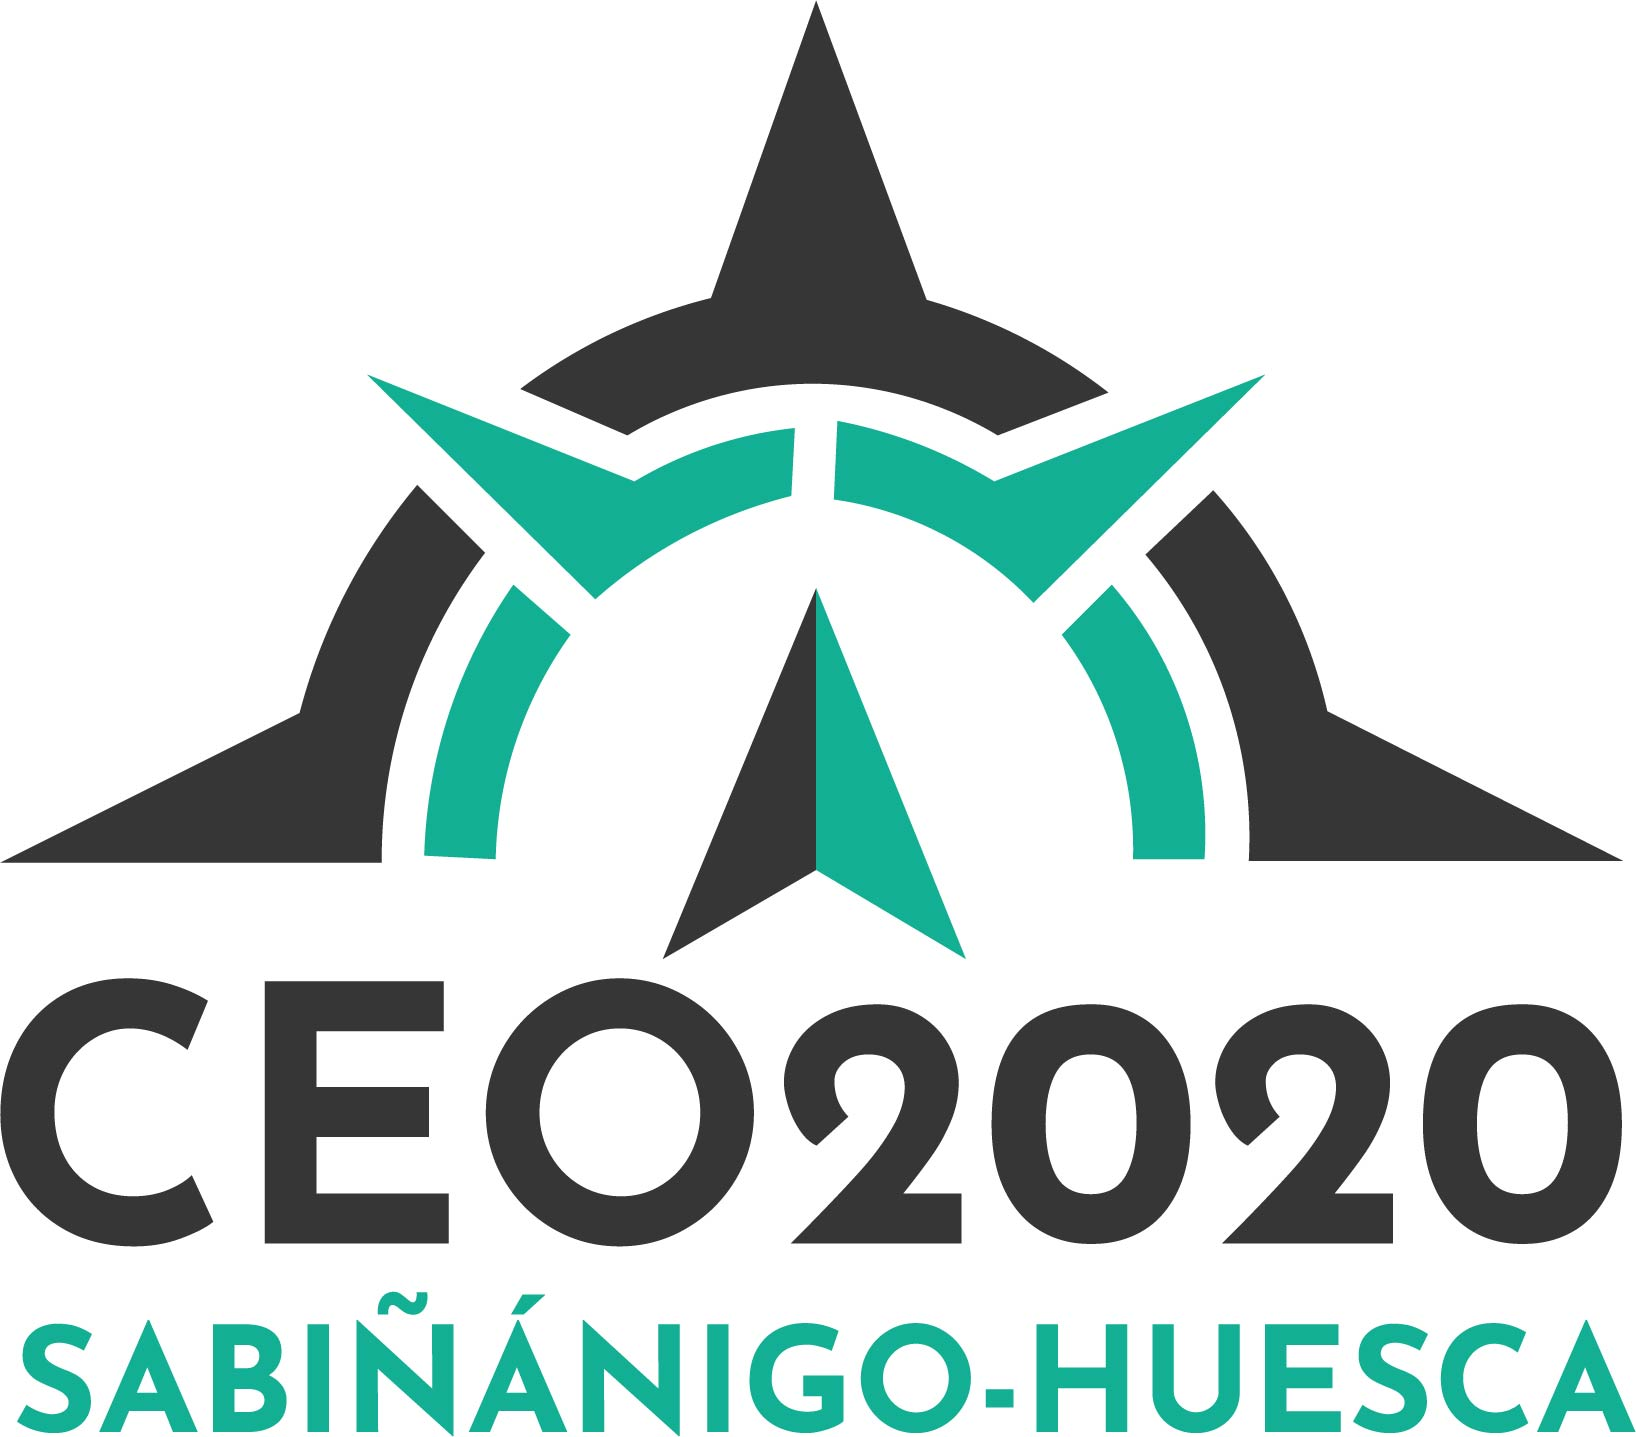 CEO 2020